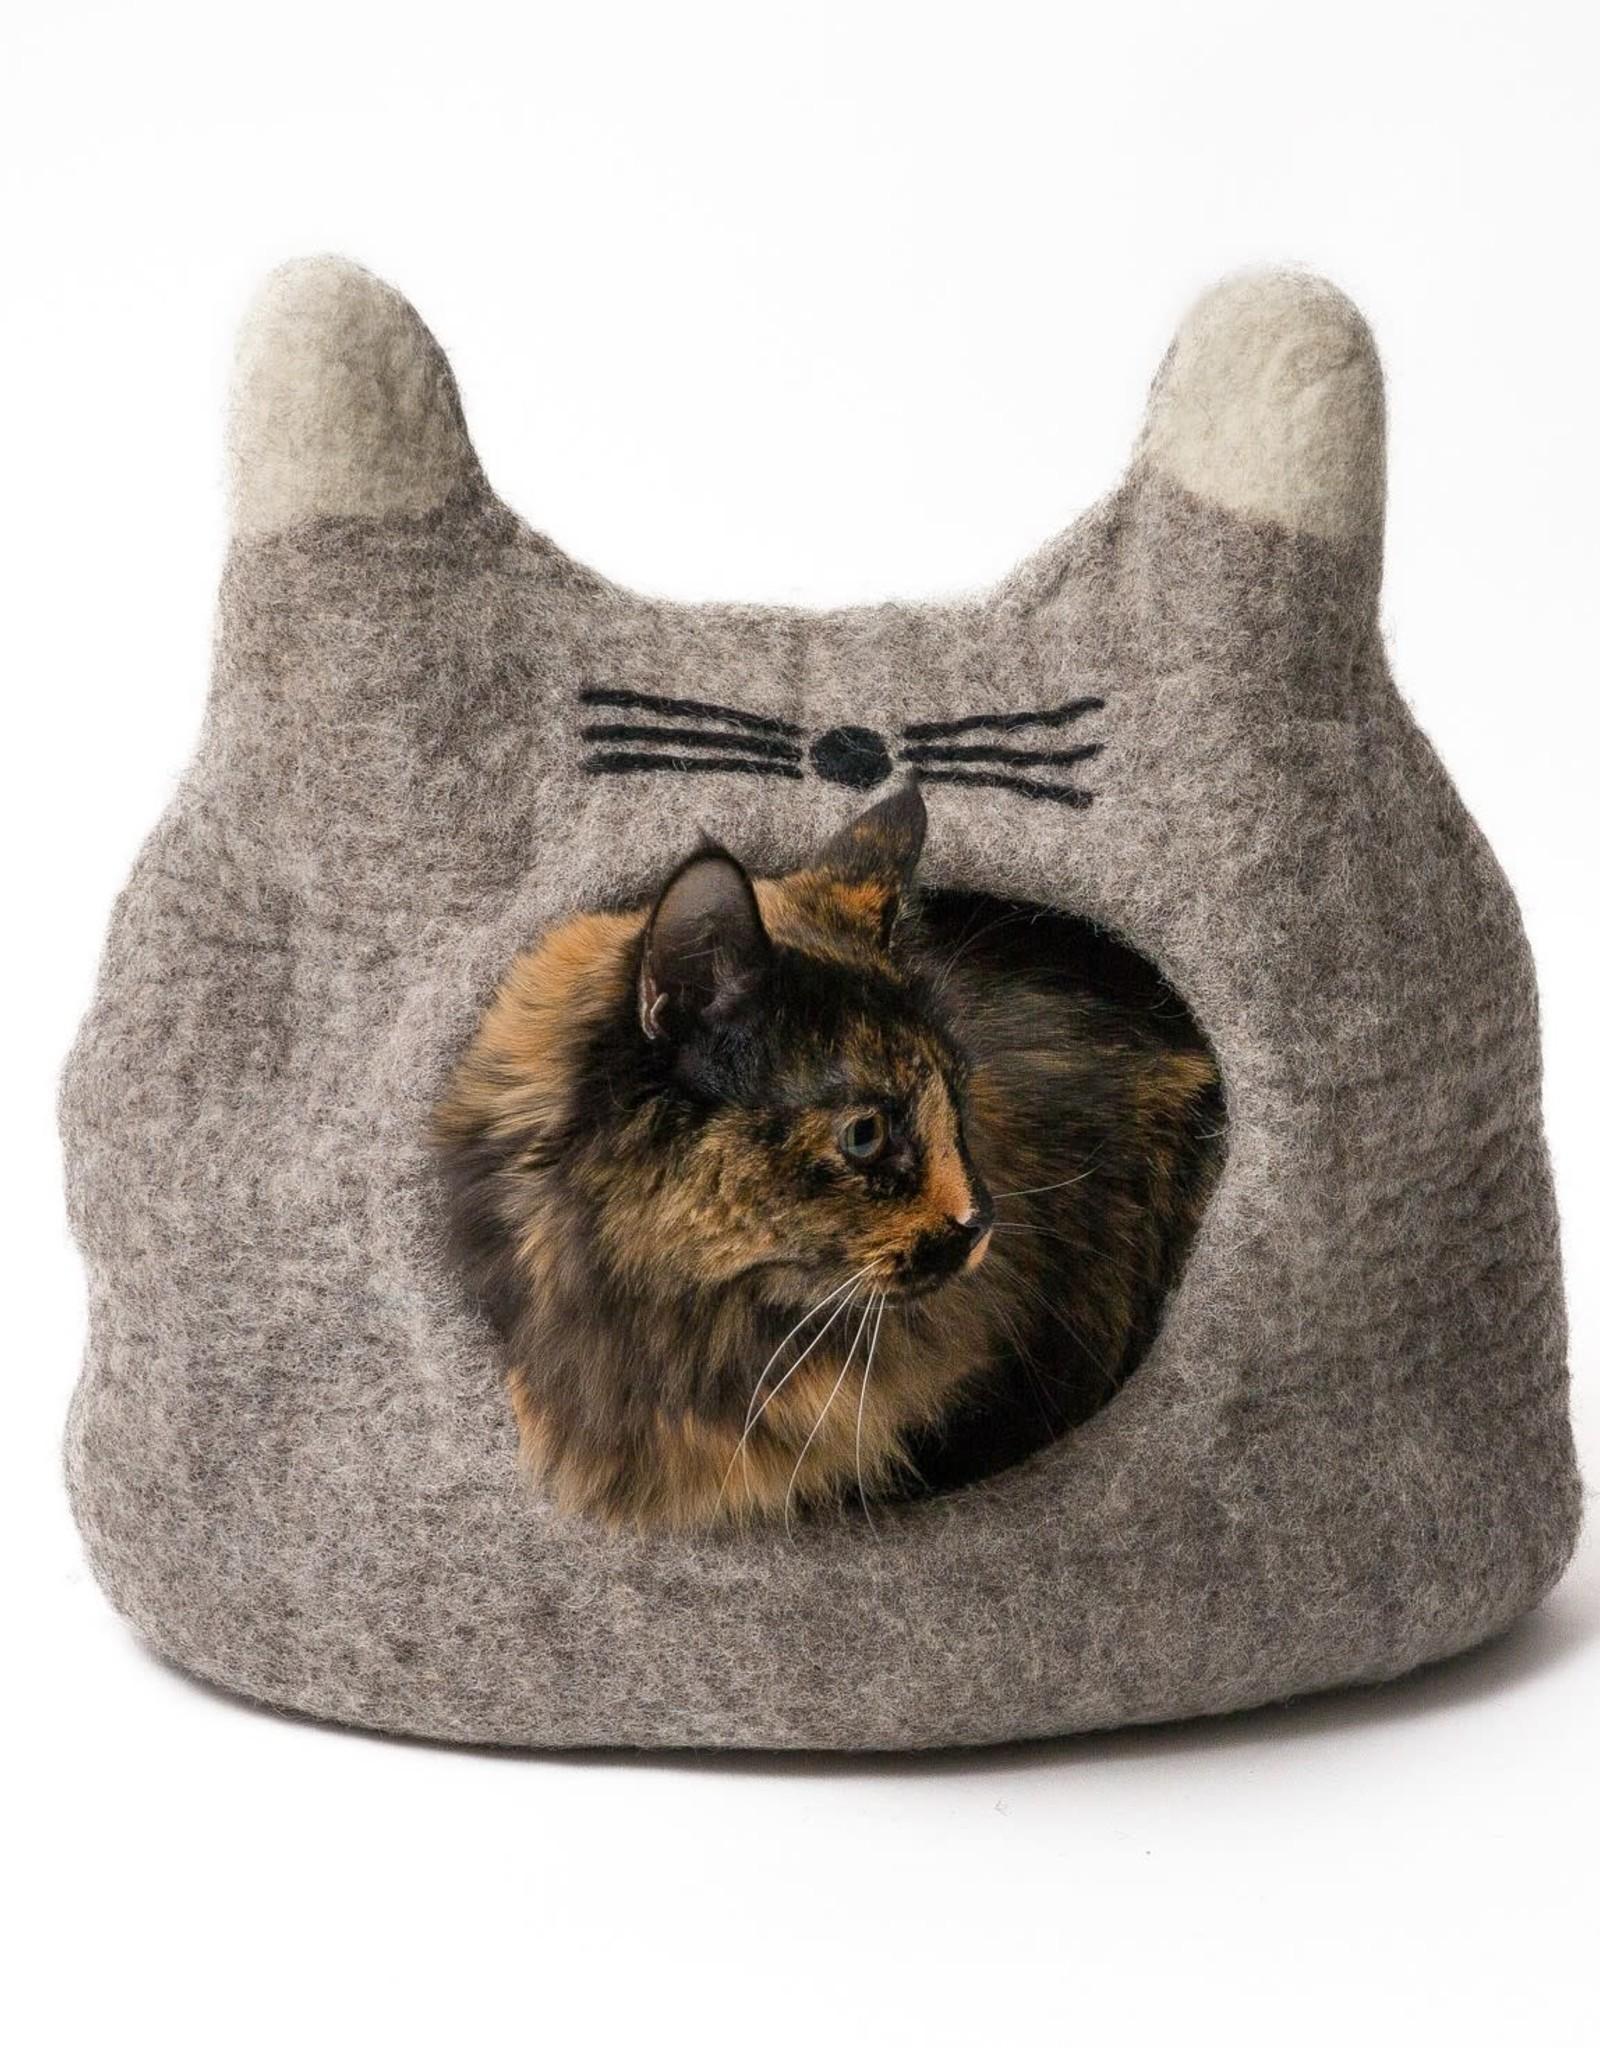 Dharma Dog Karma Cat Natural Cat Cave